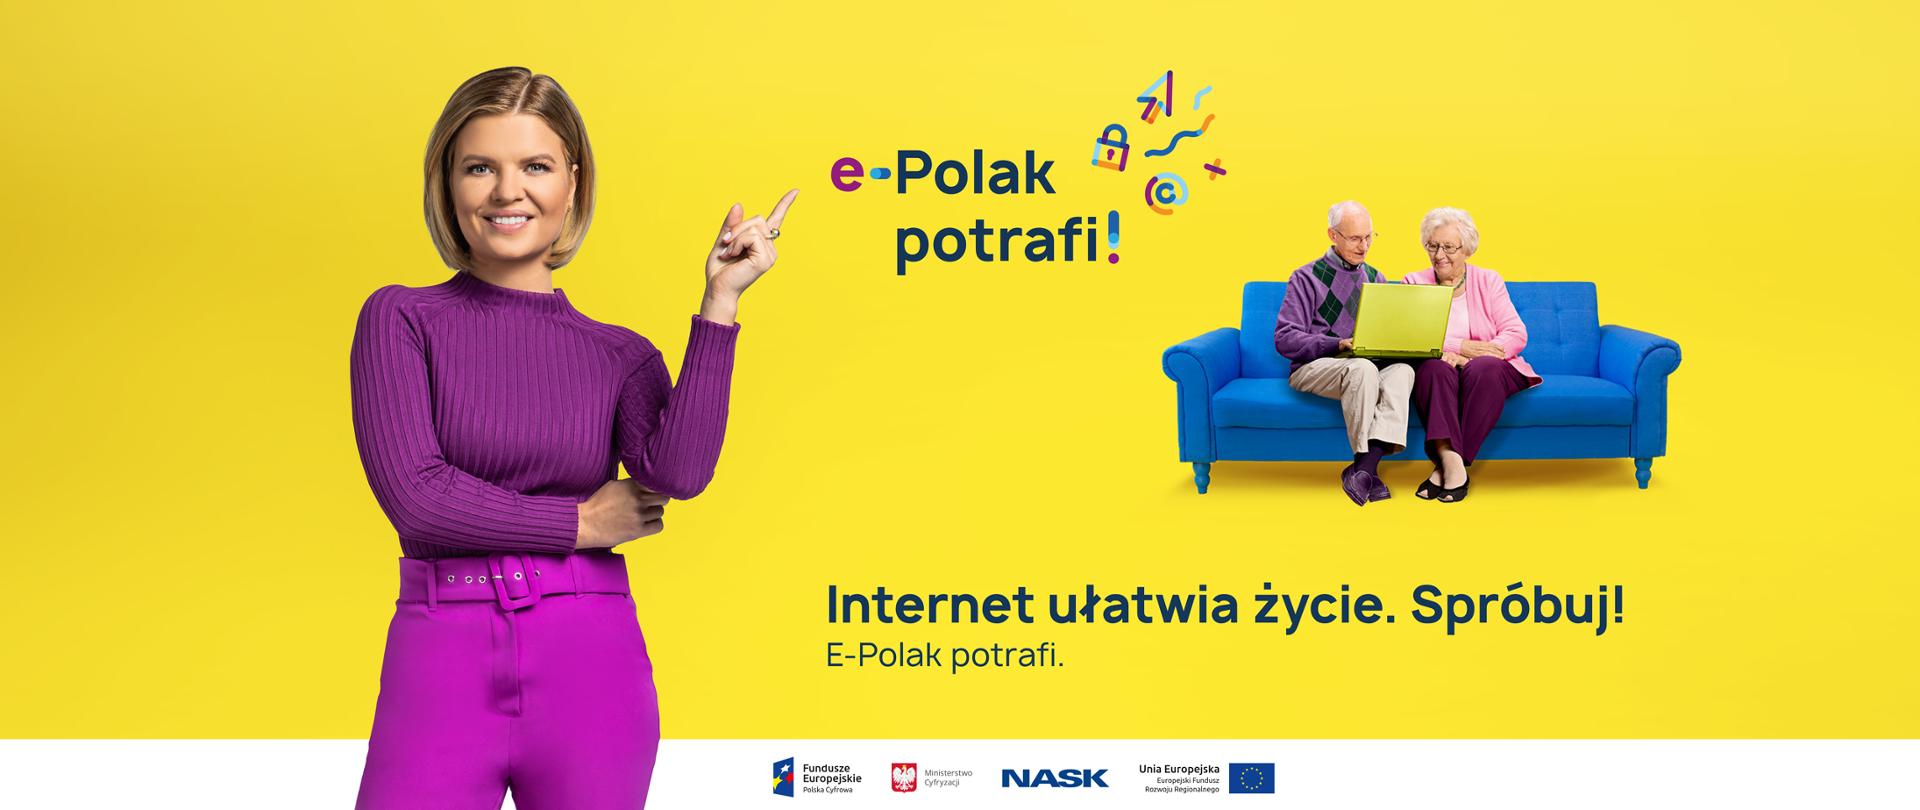 """Marta Manowska stoi wskazując palcem na napis """"e-Polak potrafi"""", w głębi ilustracji para starszych osób siedzi na kanapie z laptopem."""